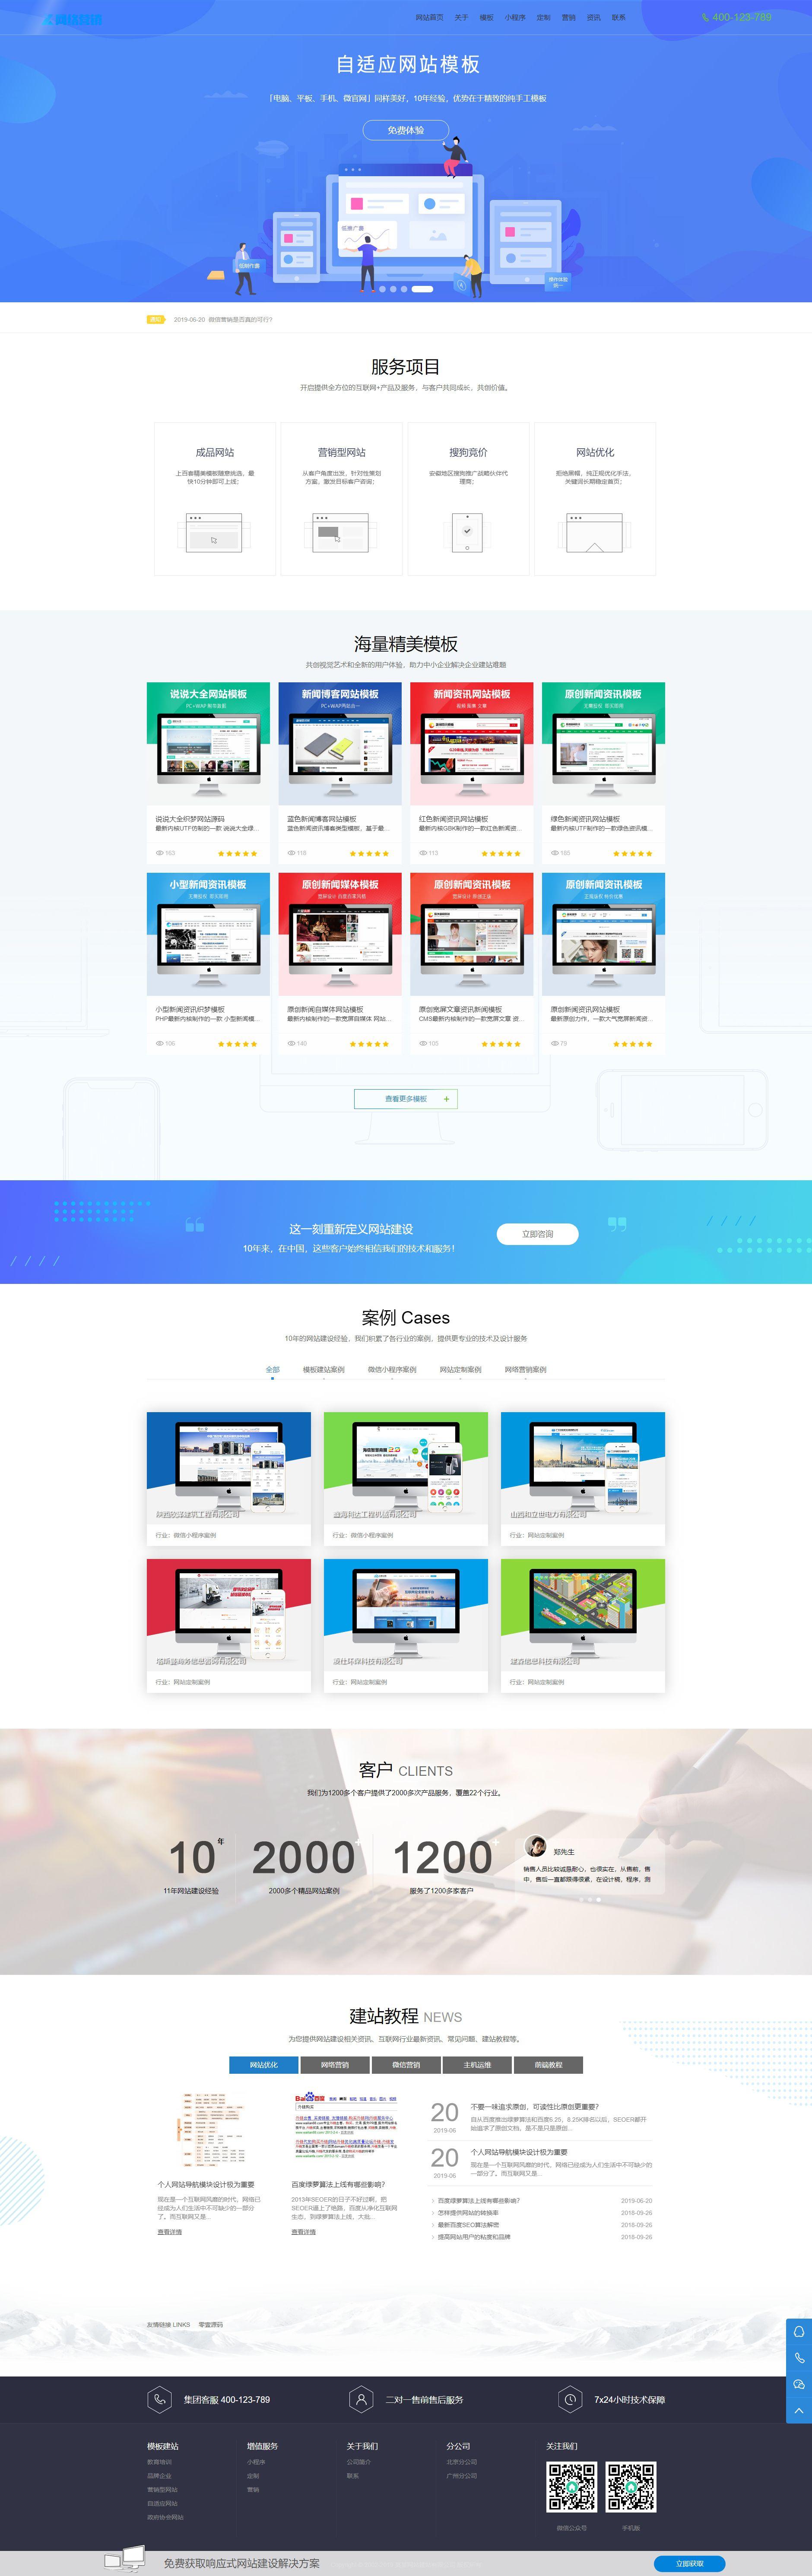 网站设计网络营销设计类网站织梦dedecms模板(带手机端)